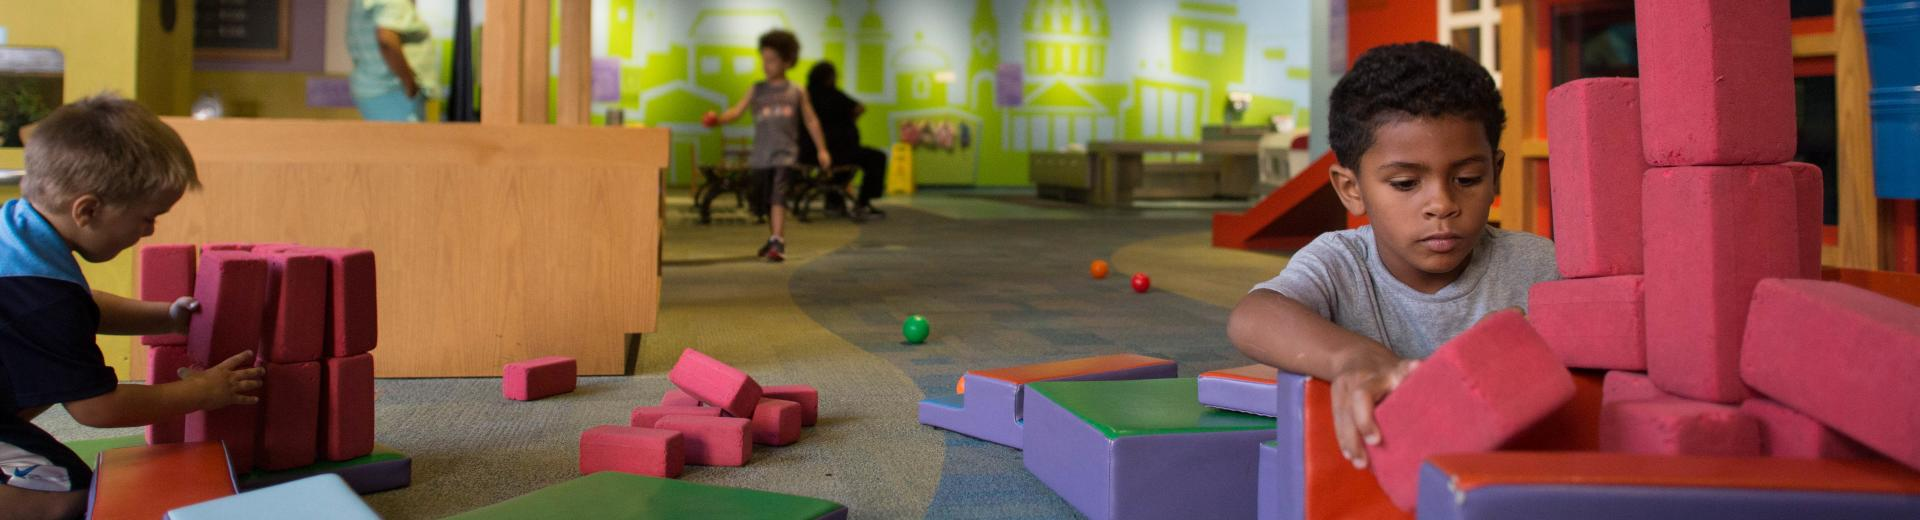 Whitaker Center Indoor Activities